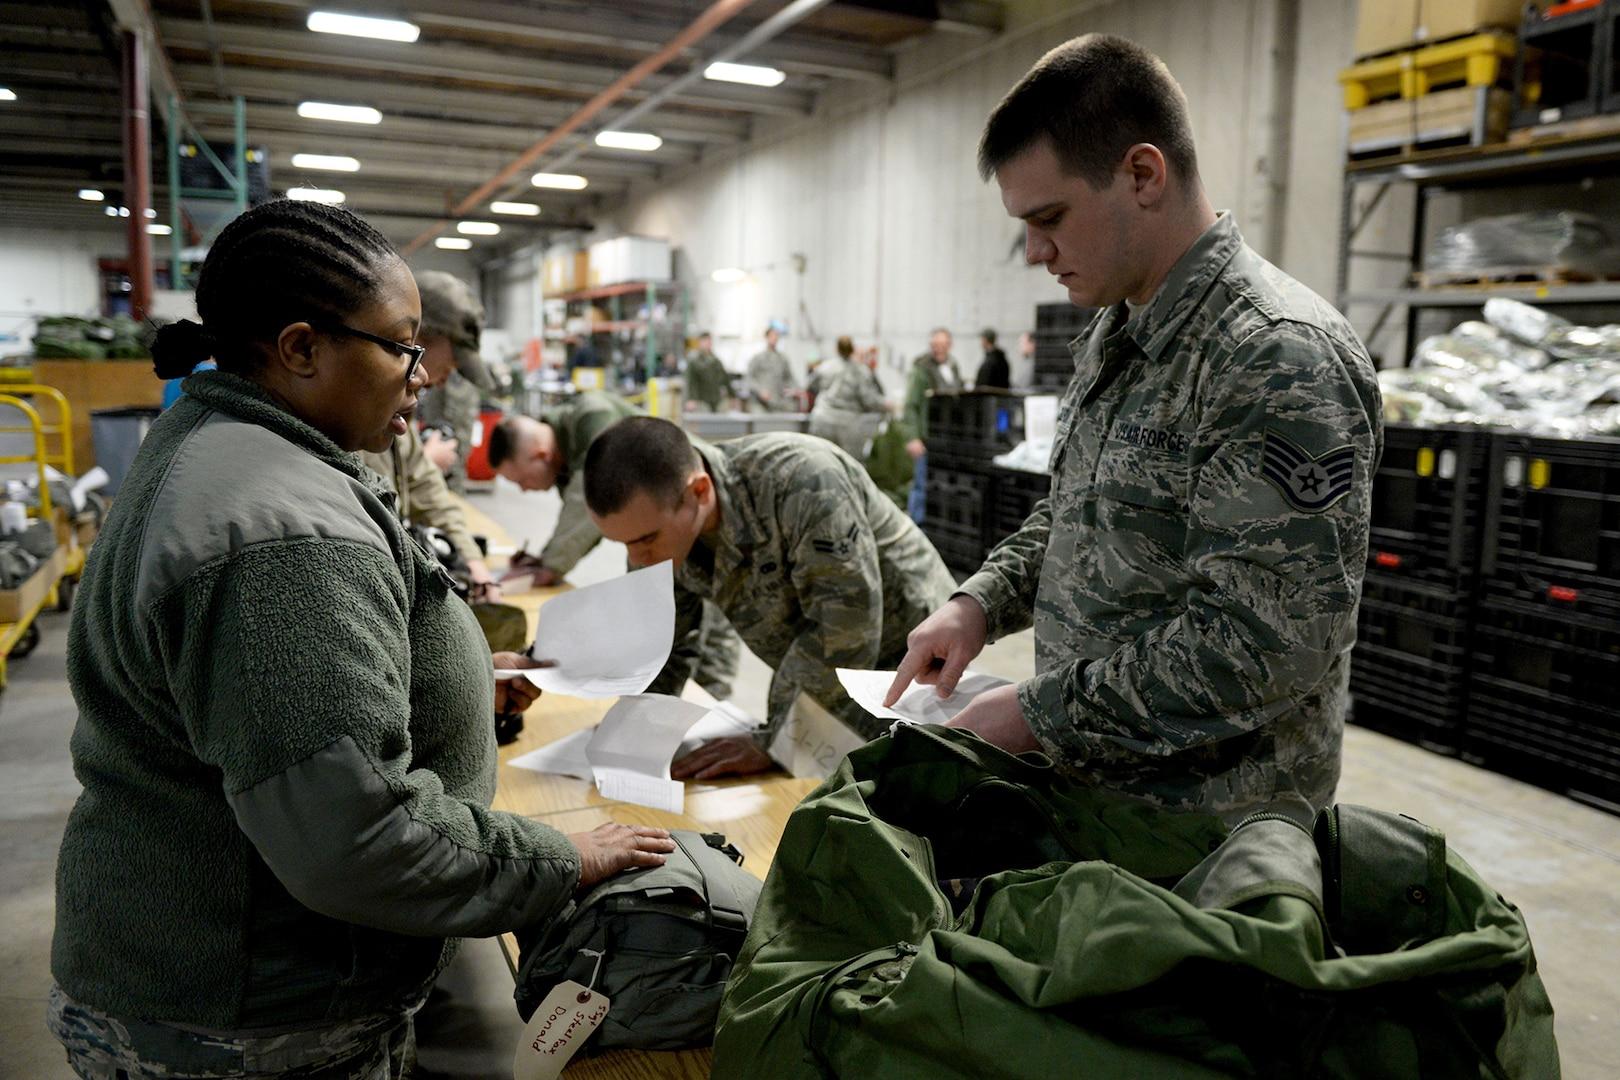 673d LRS Materiel Managment supplies Arctic Warriors